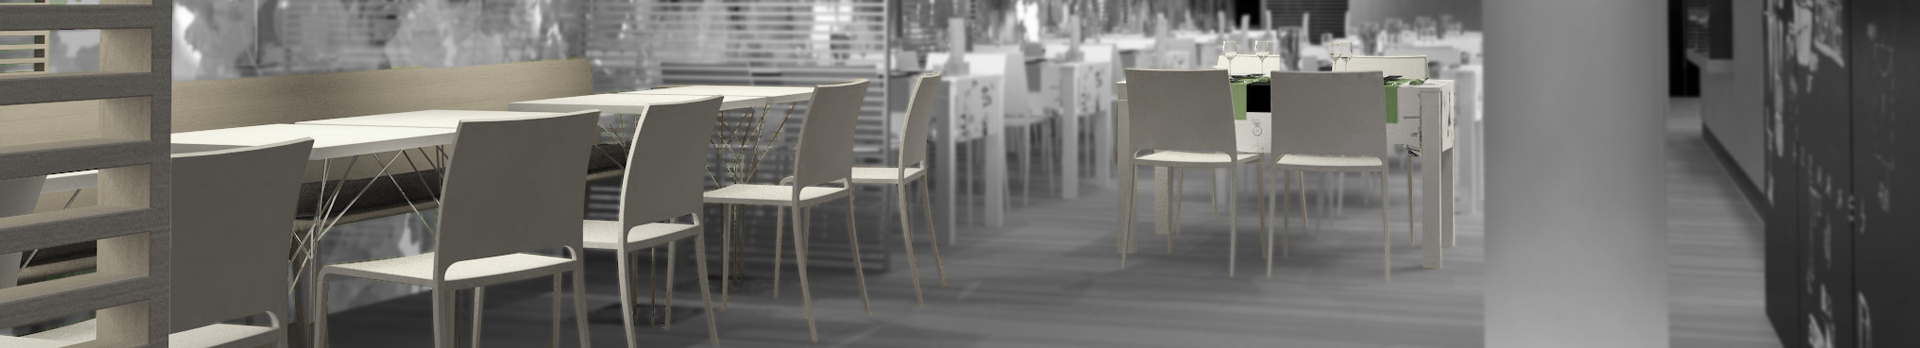 Mobiliario para Bar, Restaurante y Cafetería | Mobelfy  ®